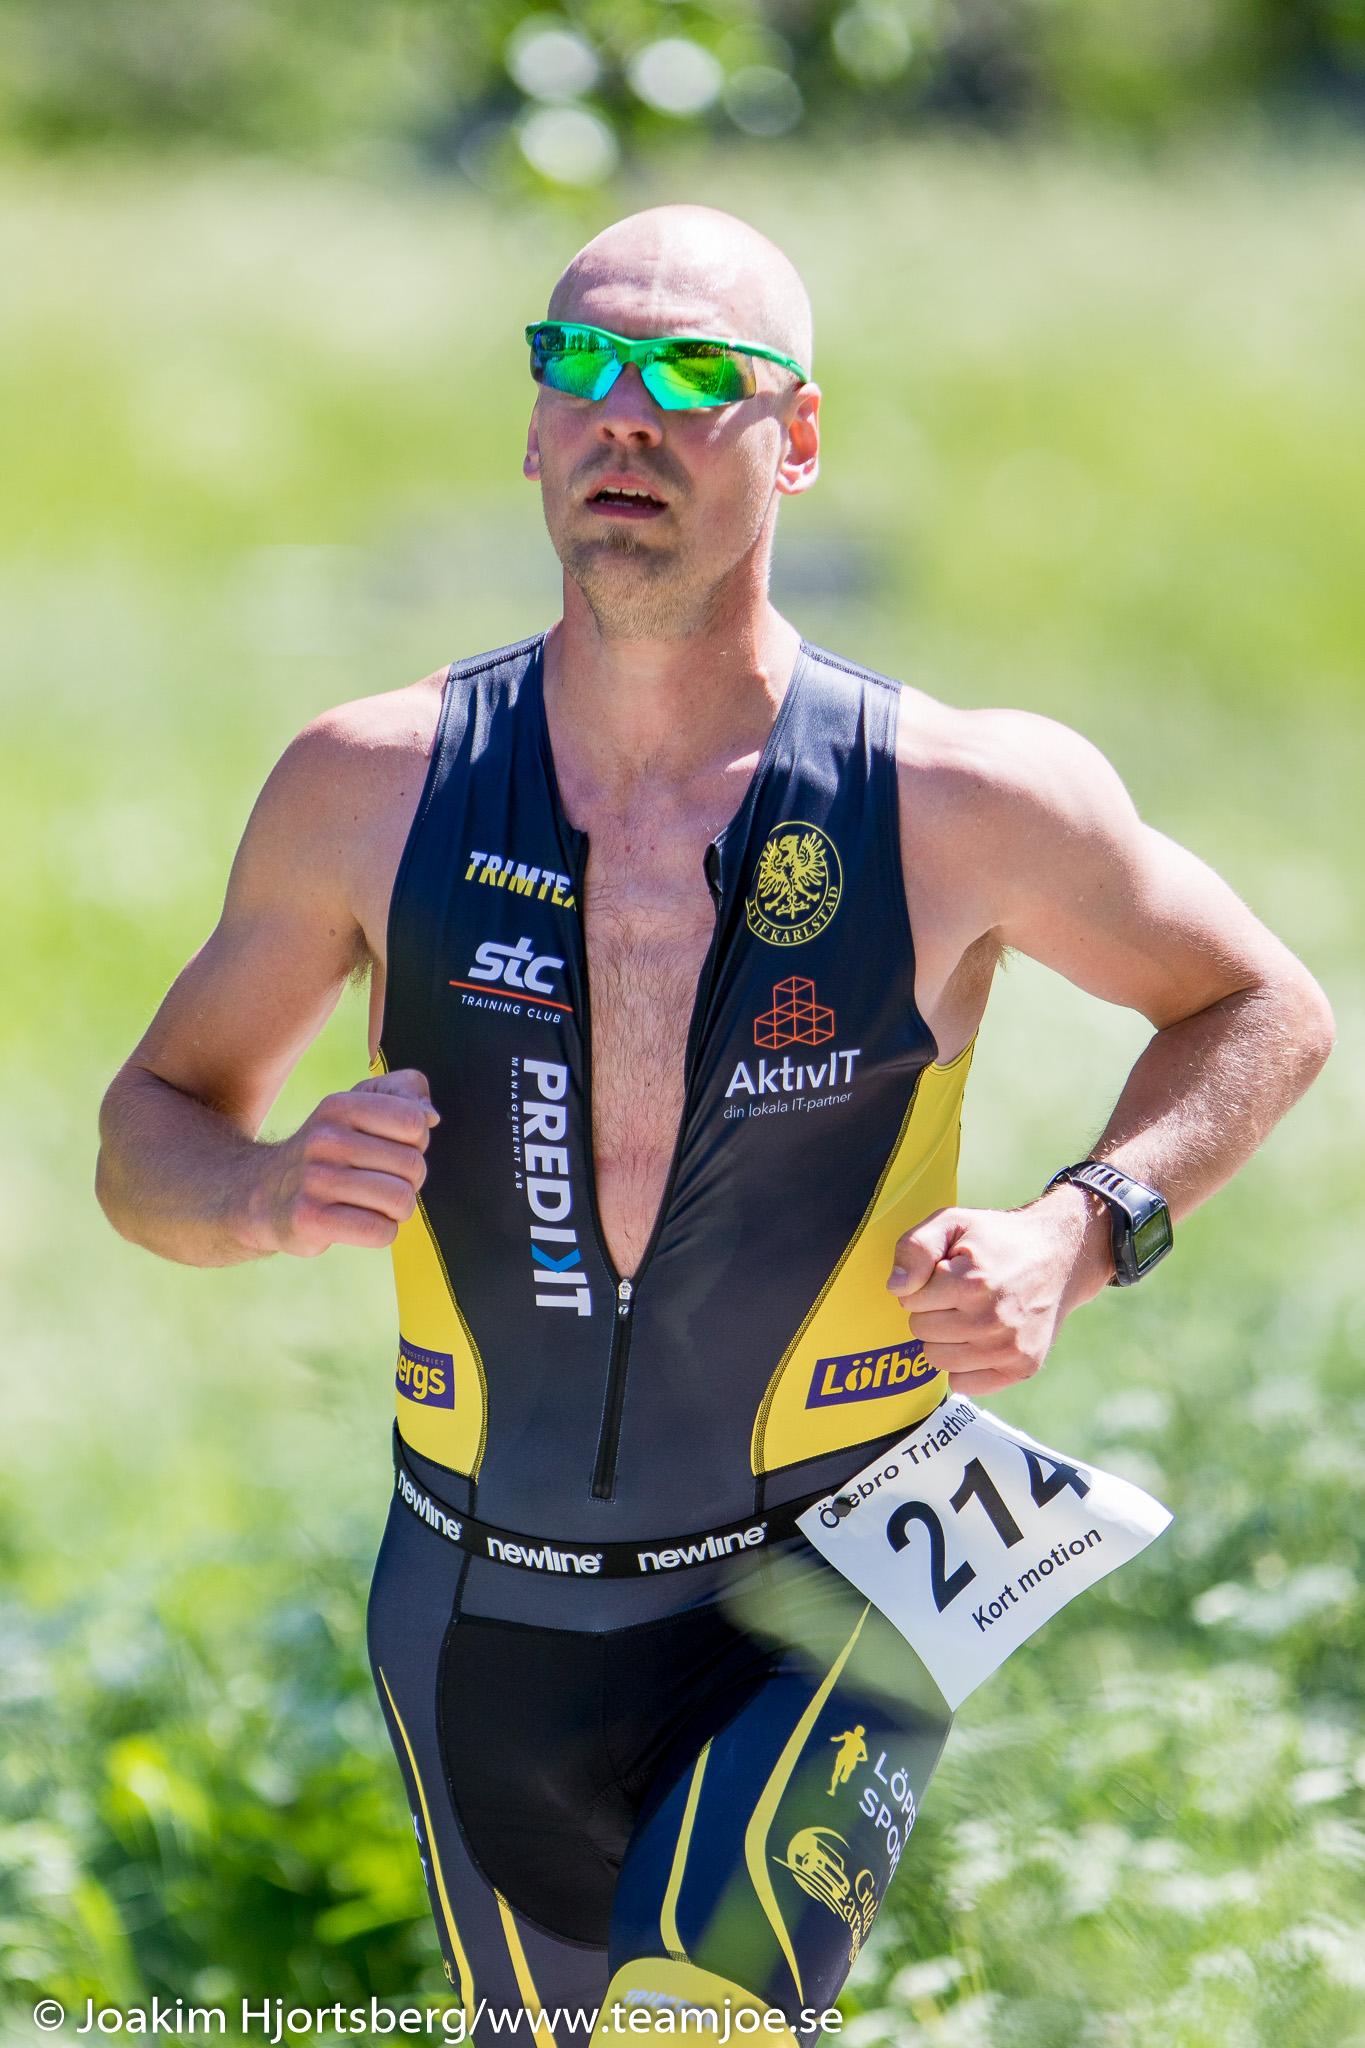 20160606_1234-4 Örebro Triathlon